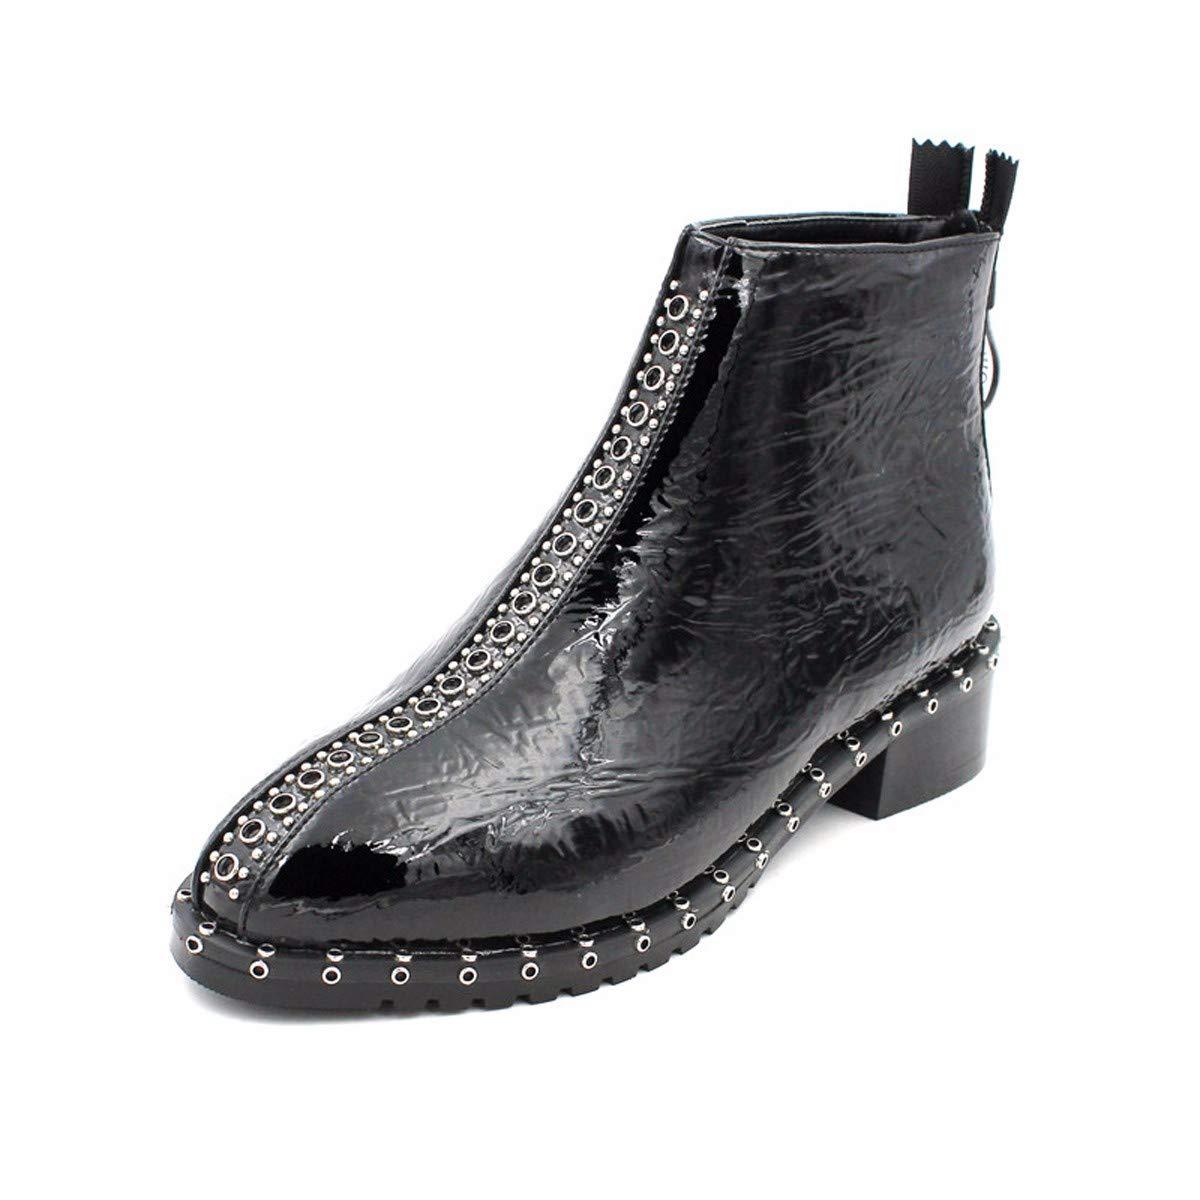 LBTSQ Fashion Damenschuhe Straße Foto - Lokomotiv - Stiefel Heel 3Cm Lack Nieten Reißverschluss Runden Kopf Nahen Ferse Schwarze Stiefel